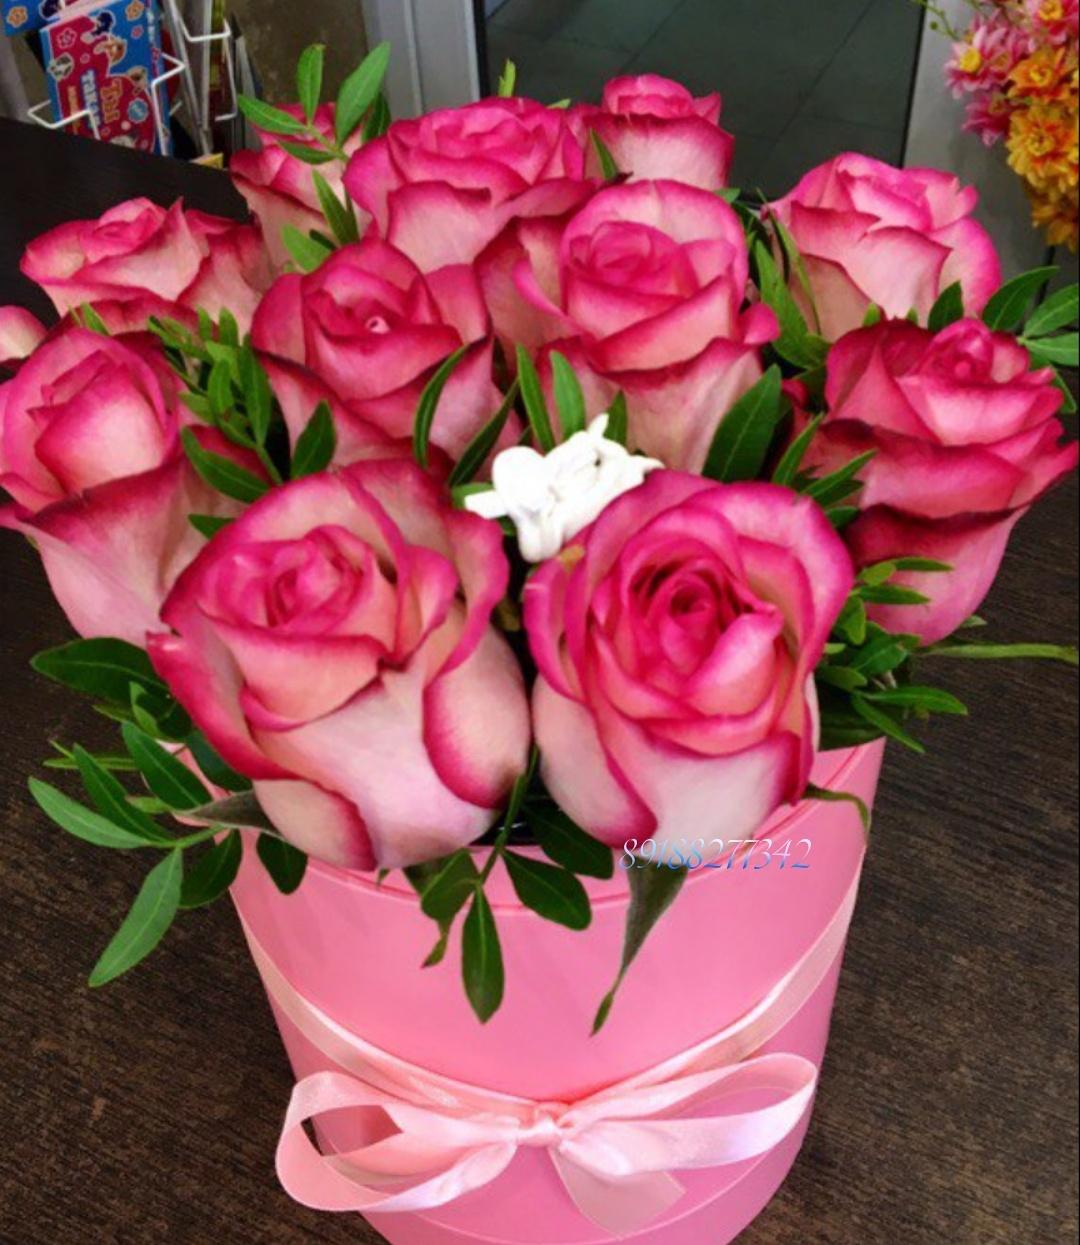 Доставка цветов в осетию цветы купить киев акалифа